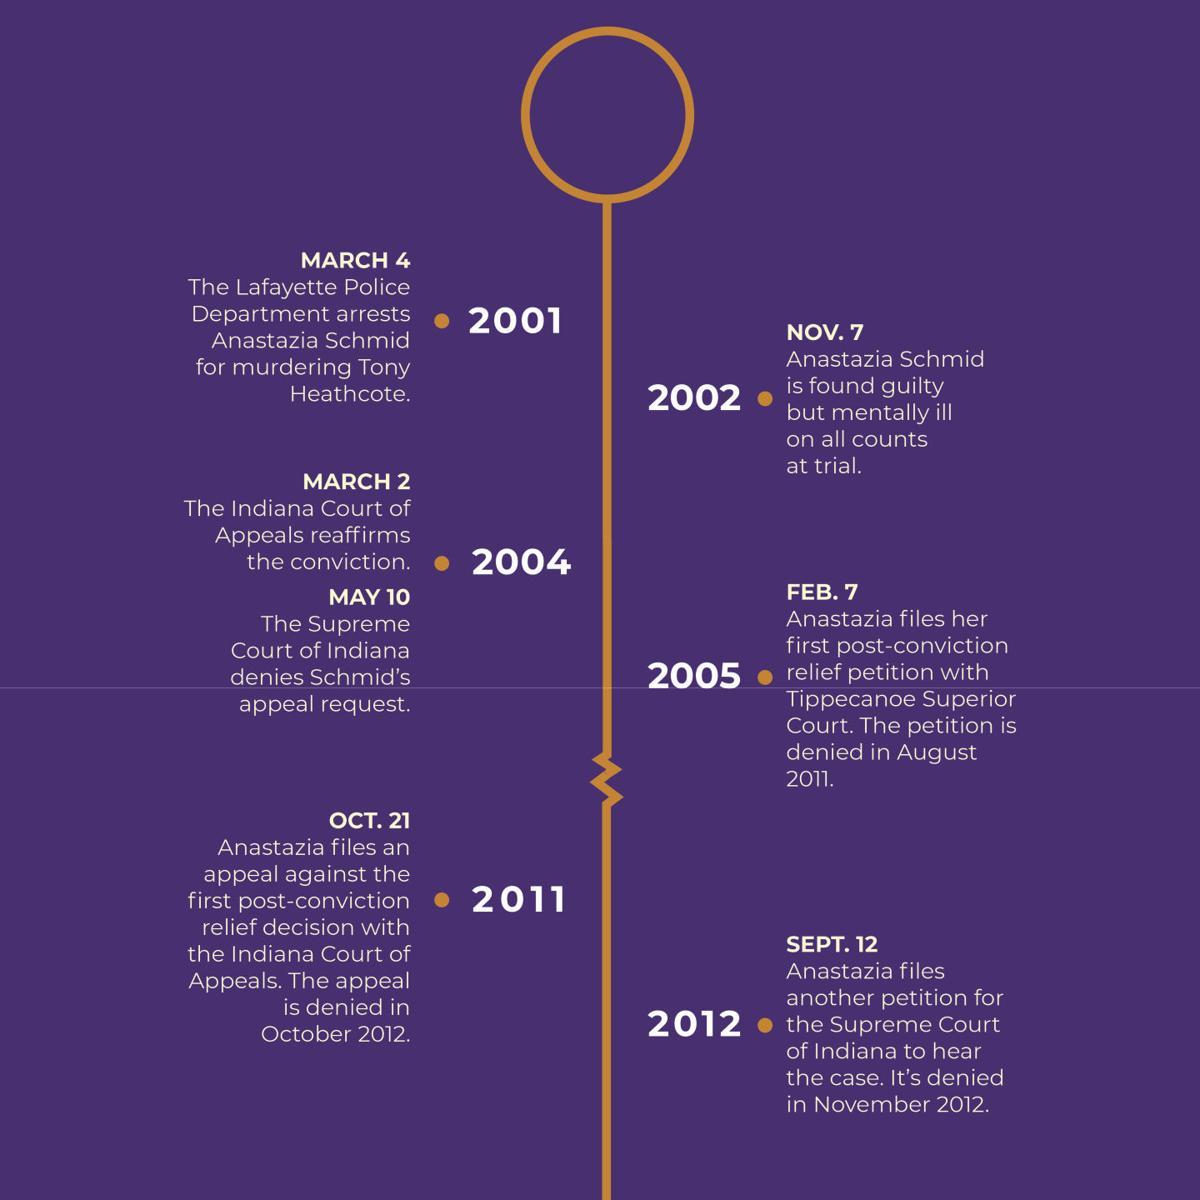 10/2/19 Court timeline 1